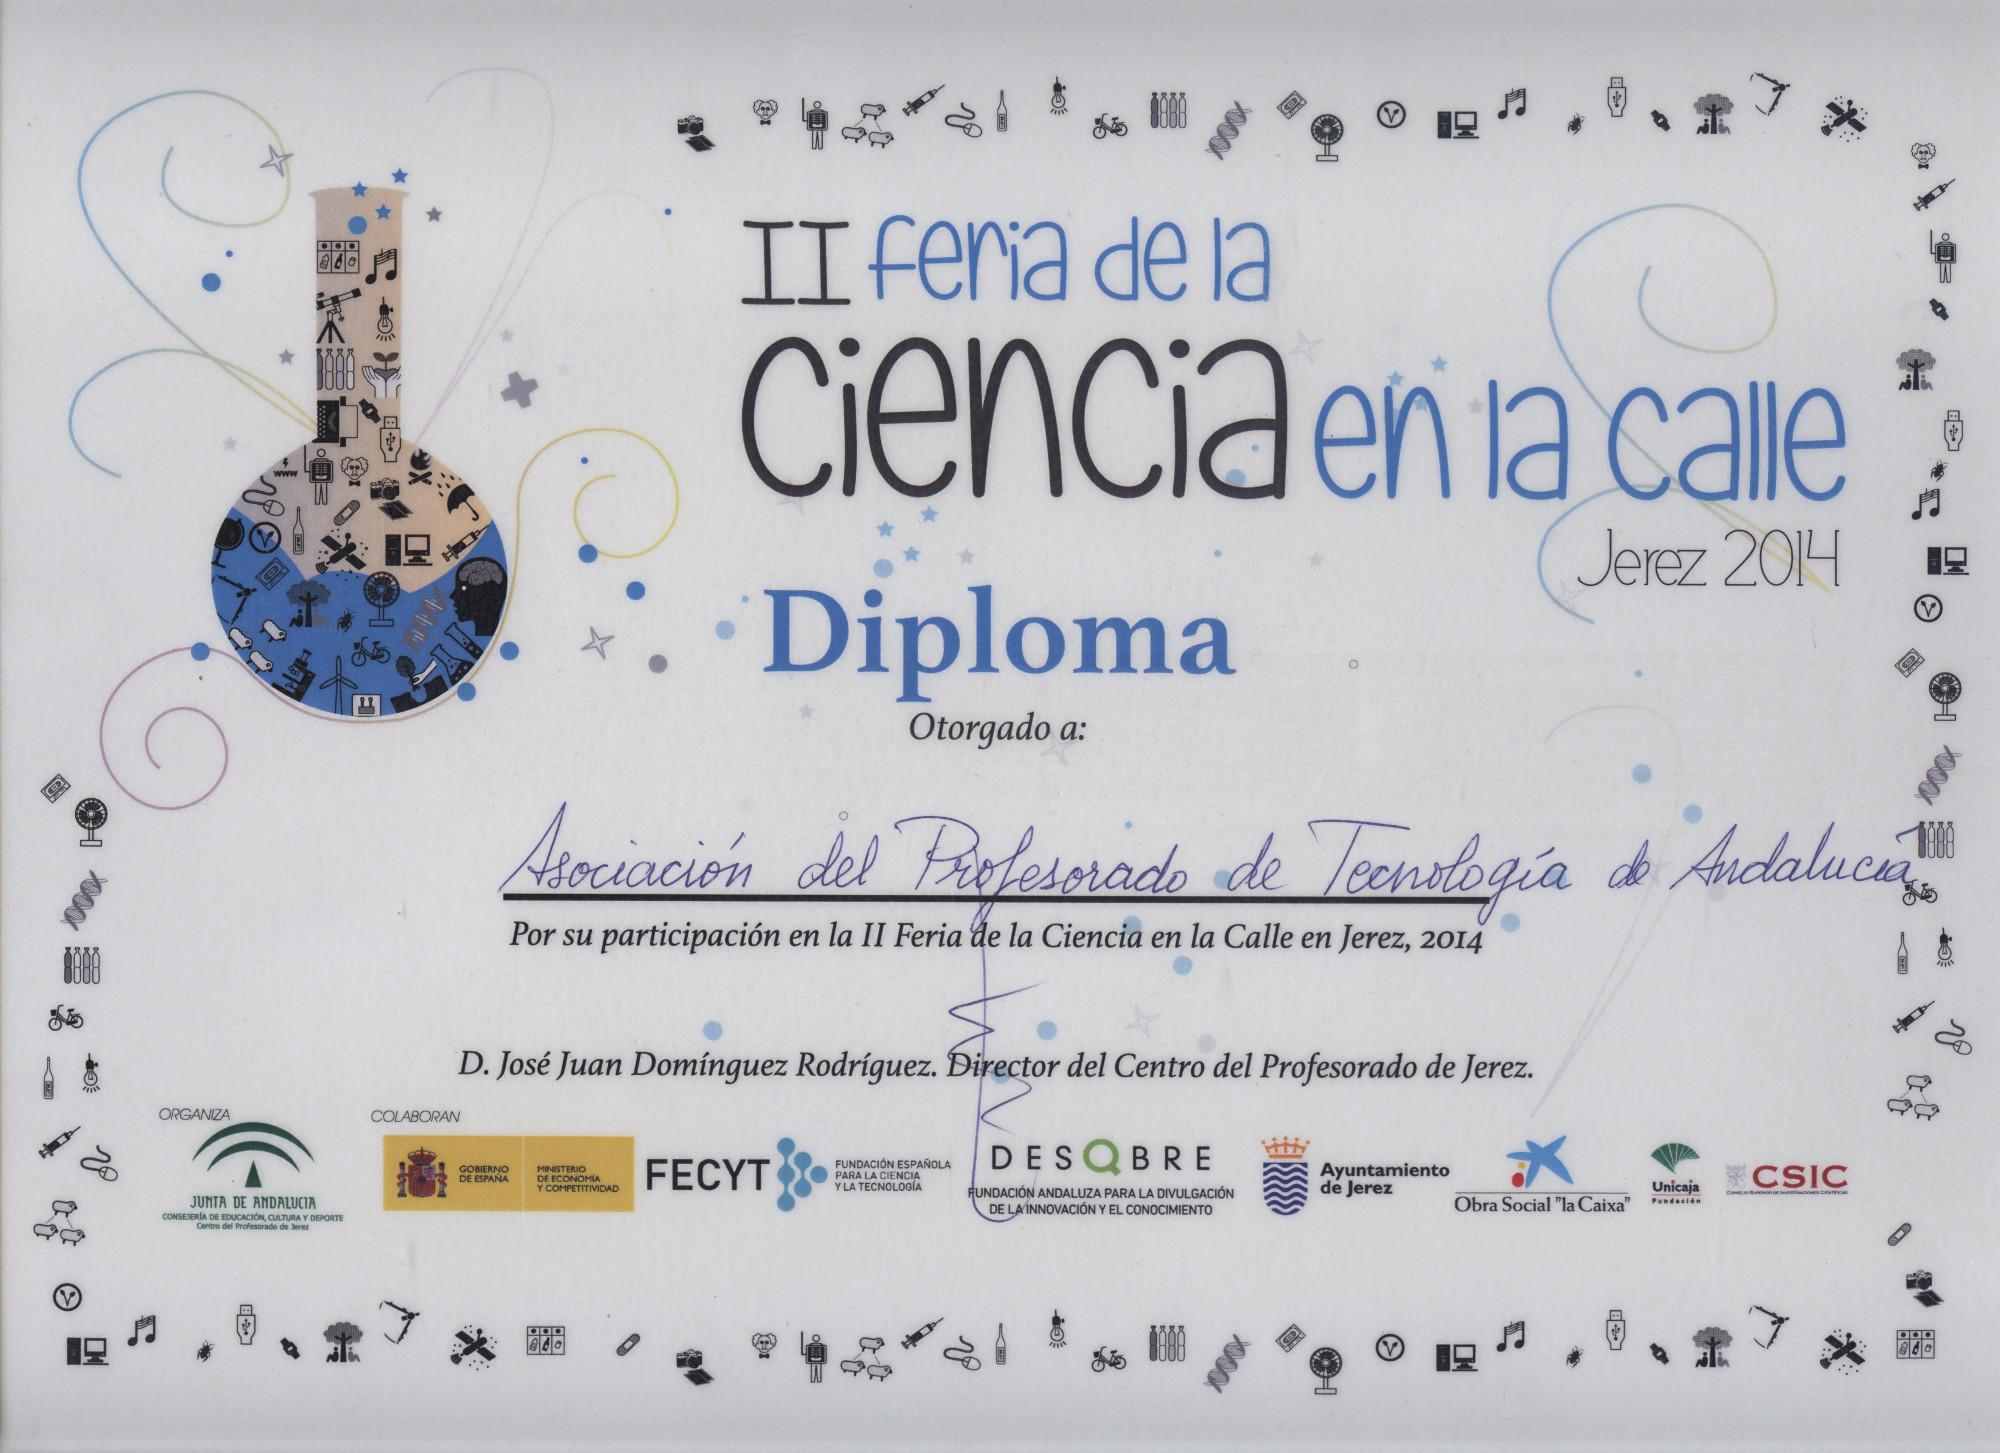 Diploma de la participación en la II Feria de la Ciencia en la calle de Jerez de la Frontera